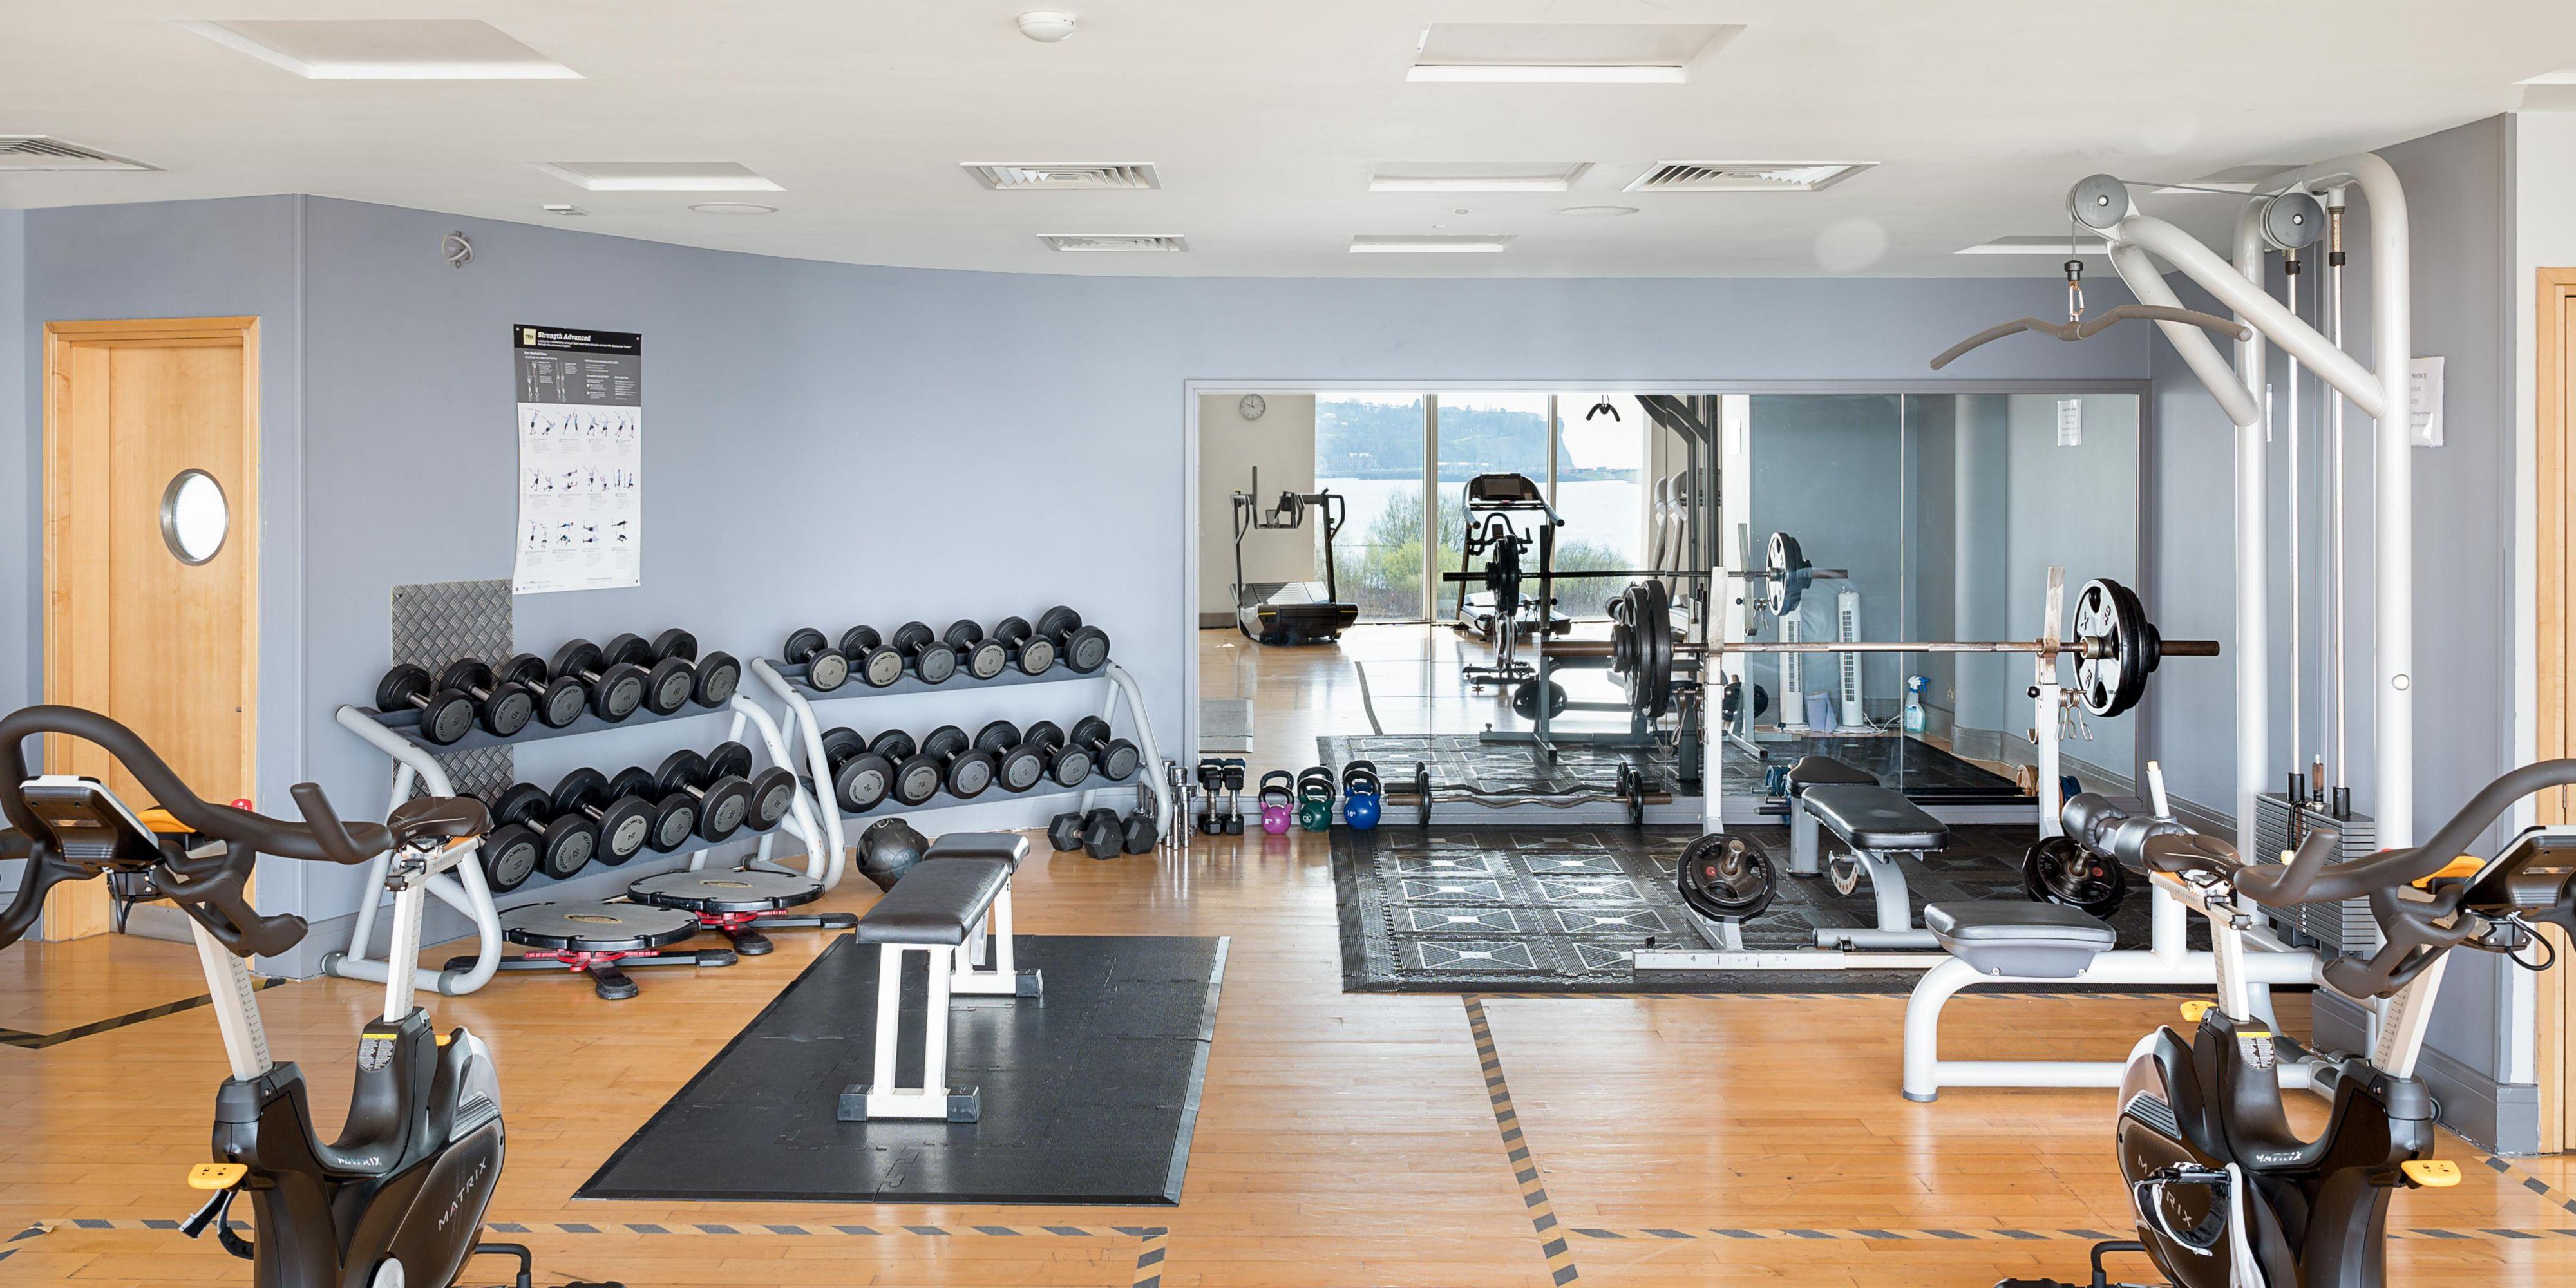 Gym Lifting Equipment